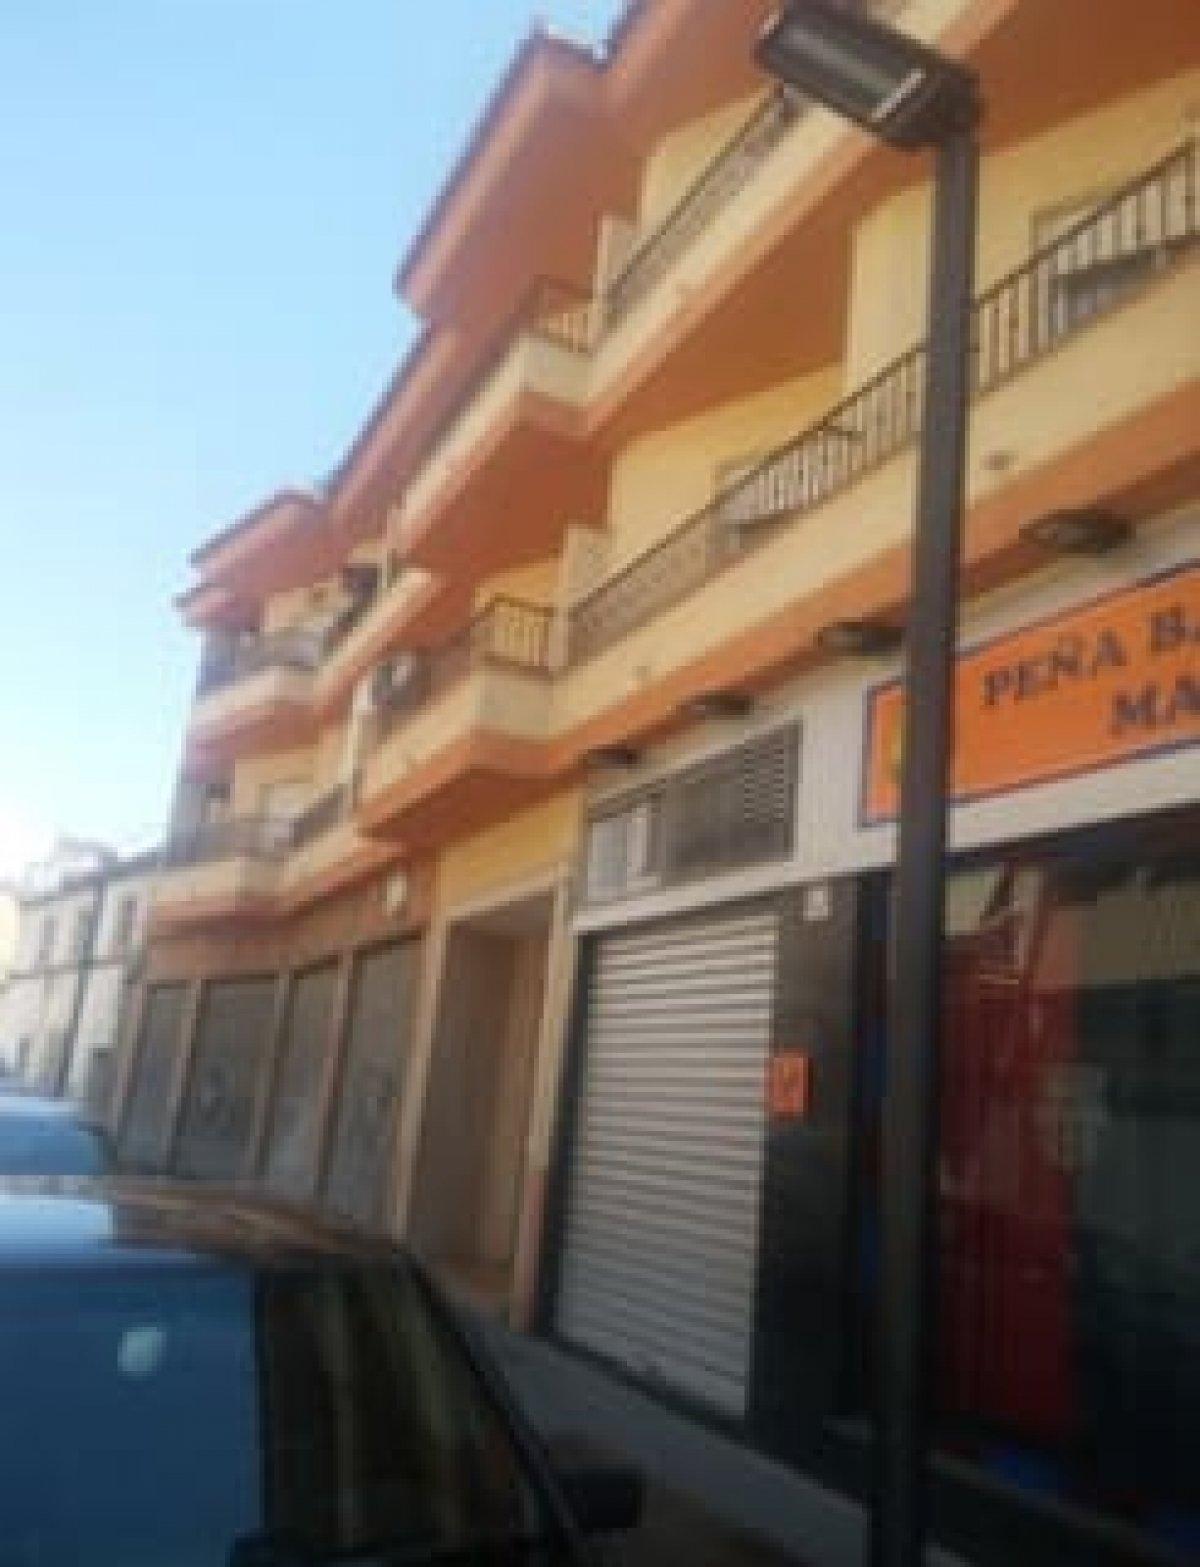 Maracena Maracena